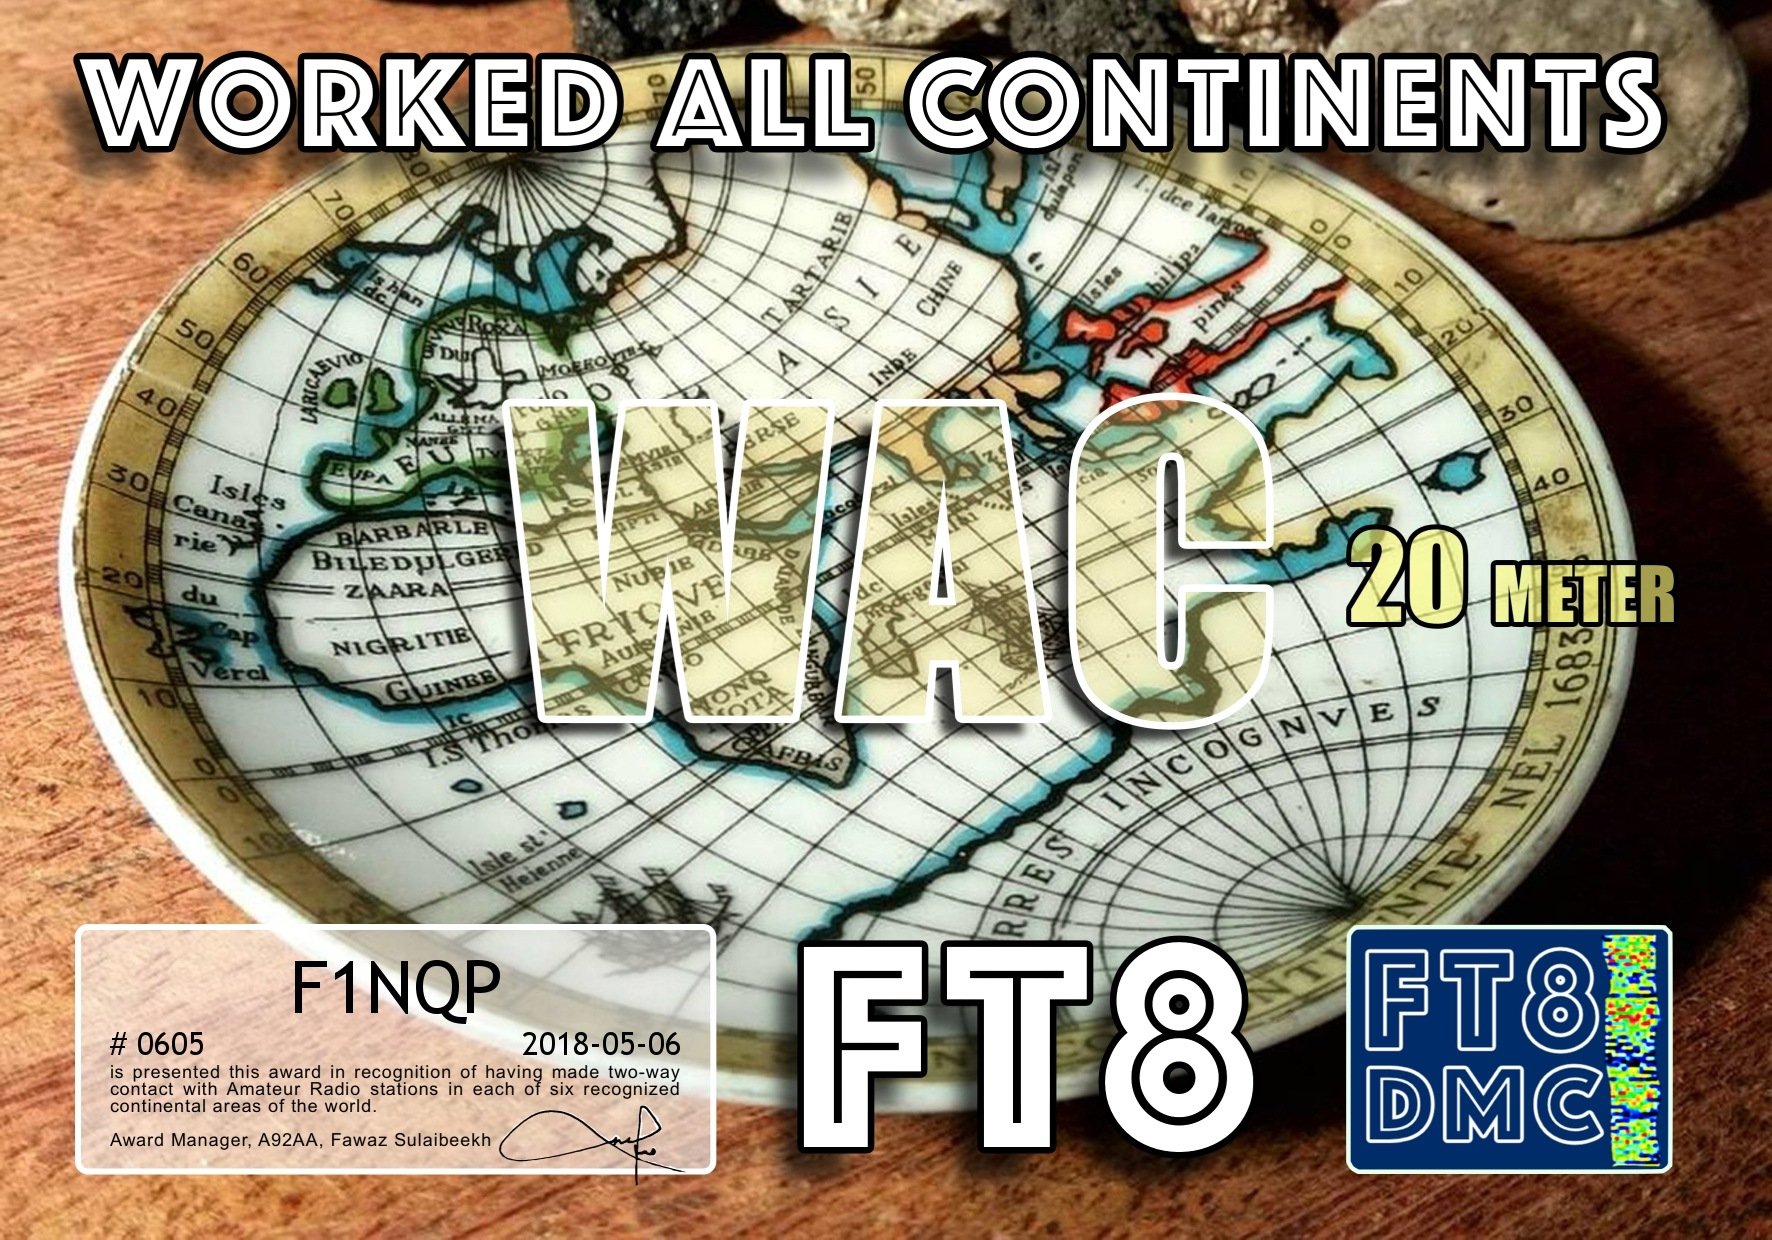 F1NQP-WAC-20M.jpg